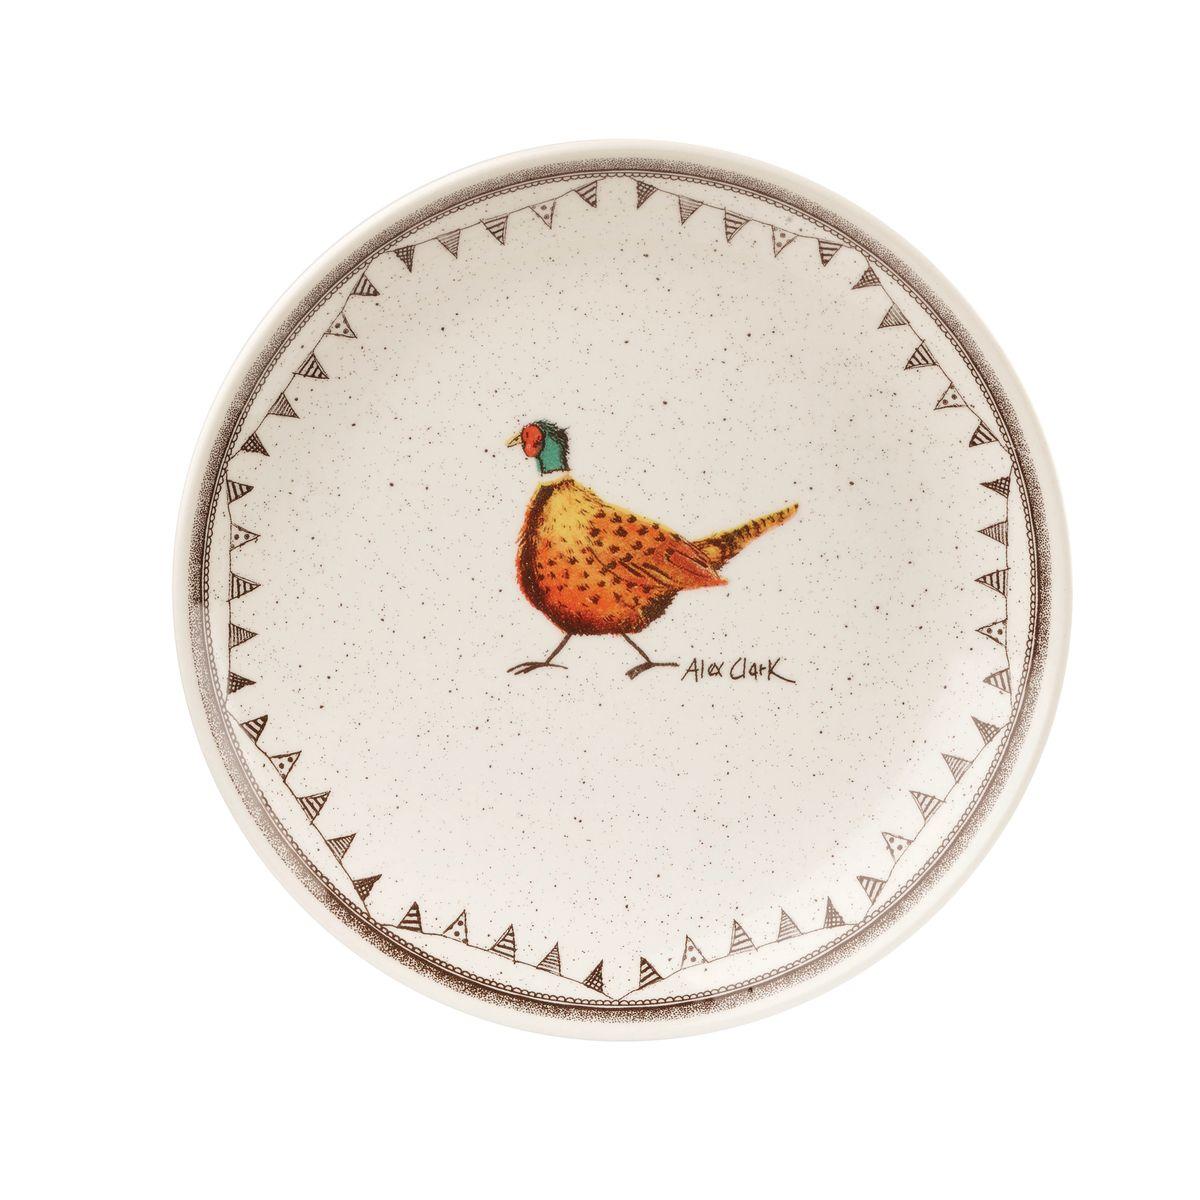 Купить тарелку с рисунком эльбрус